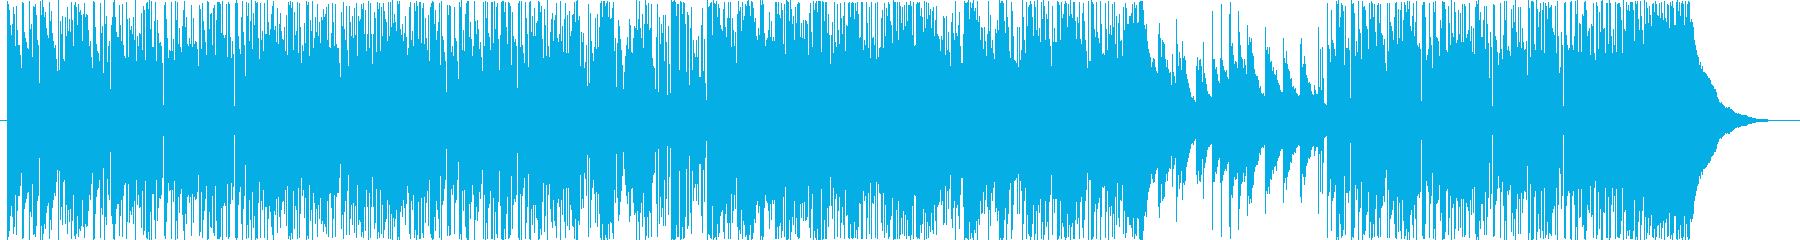 ロック調のピアノインストです。クールで…の再生済みの波形